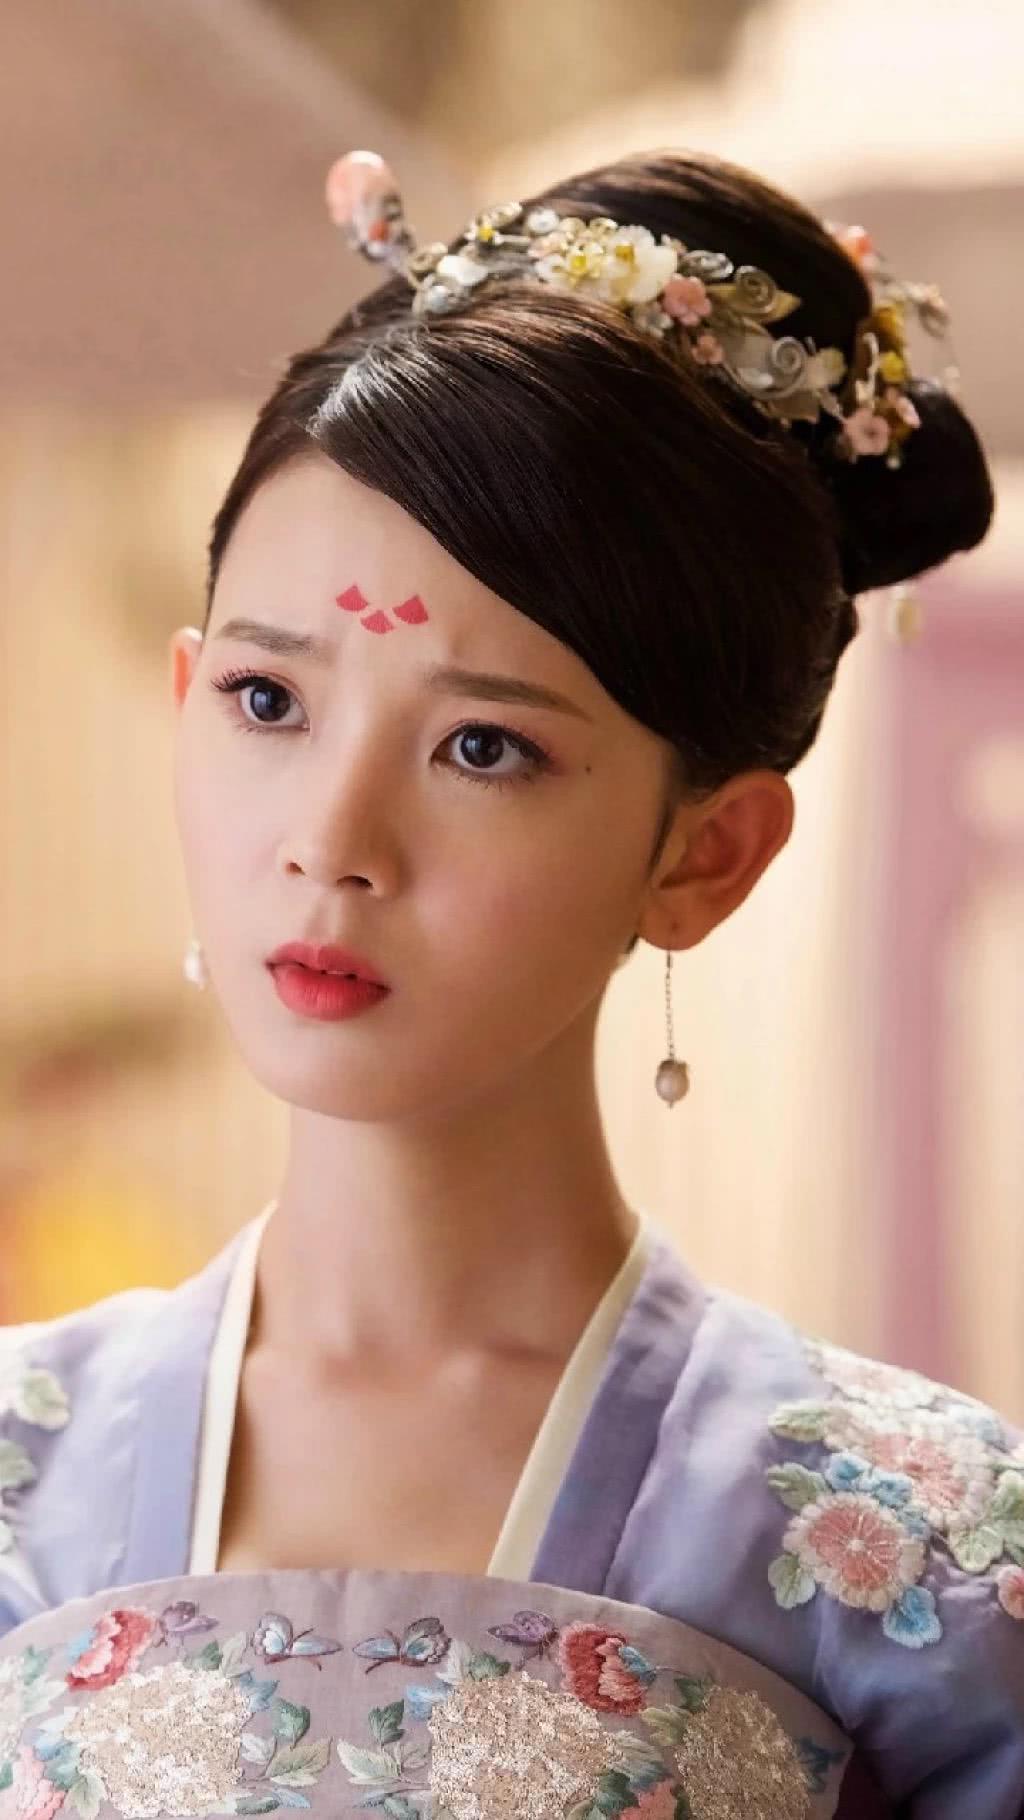 御姐身材萝莉脸的陈瑶,岳绮罗过后再无经典角色了